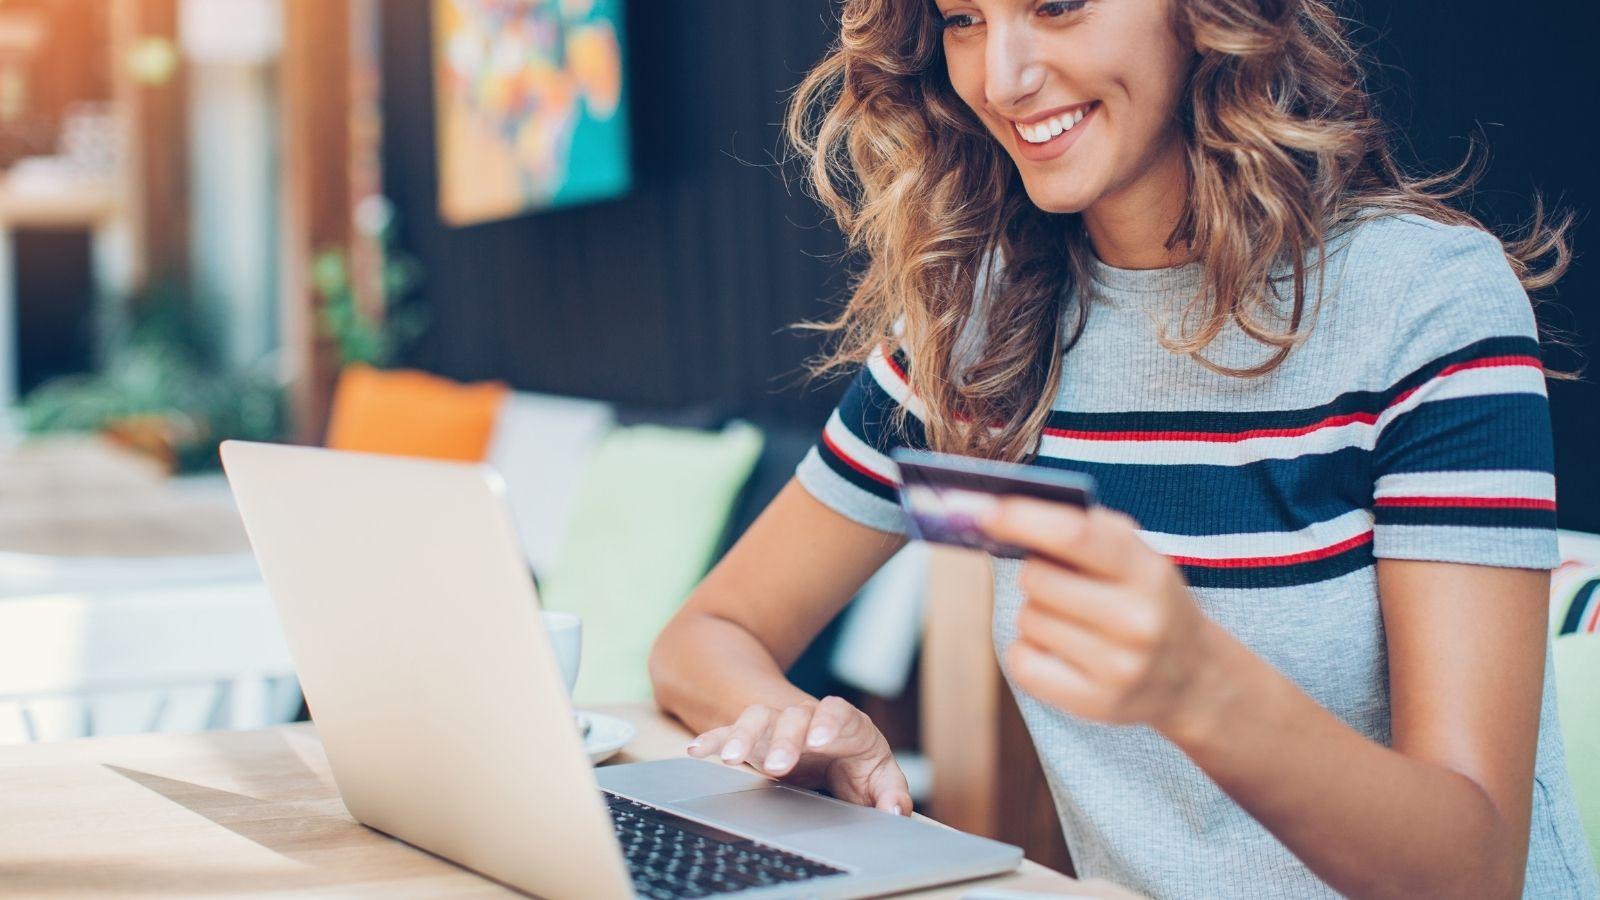 7 nowych trendów w zakupach online Trendy mediarun trendy zakupy online